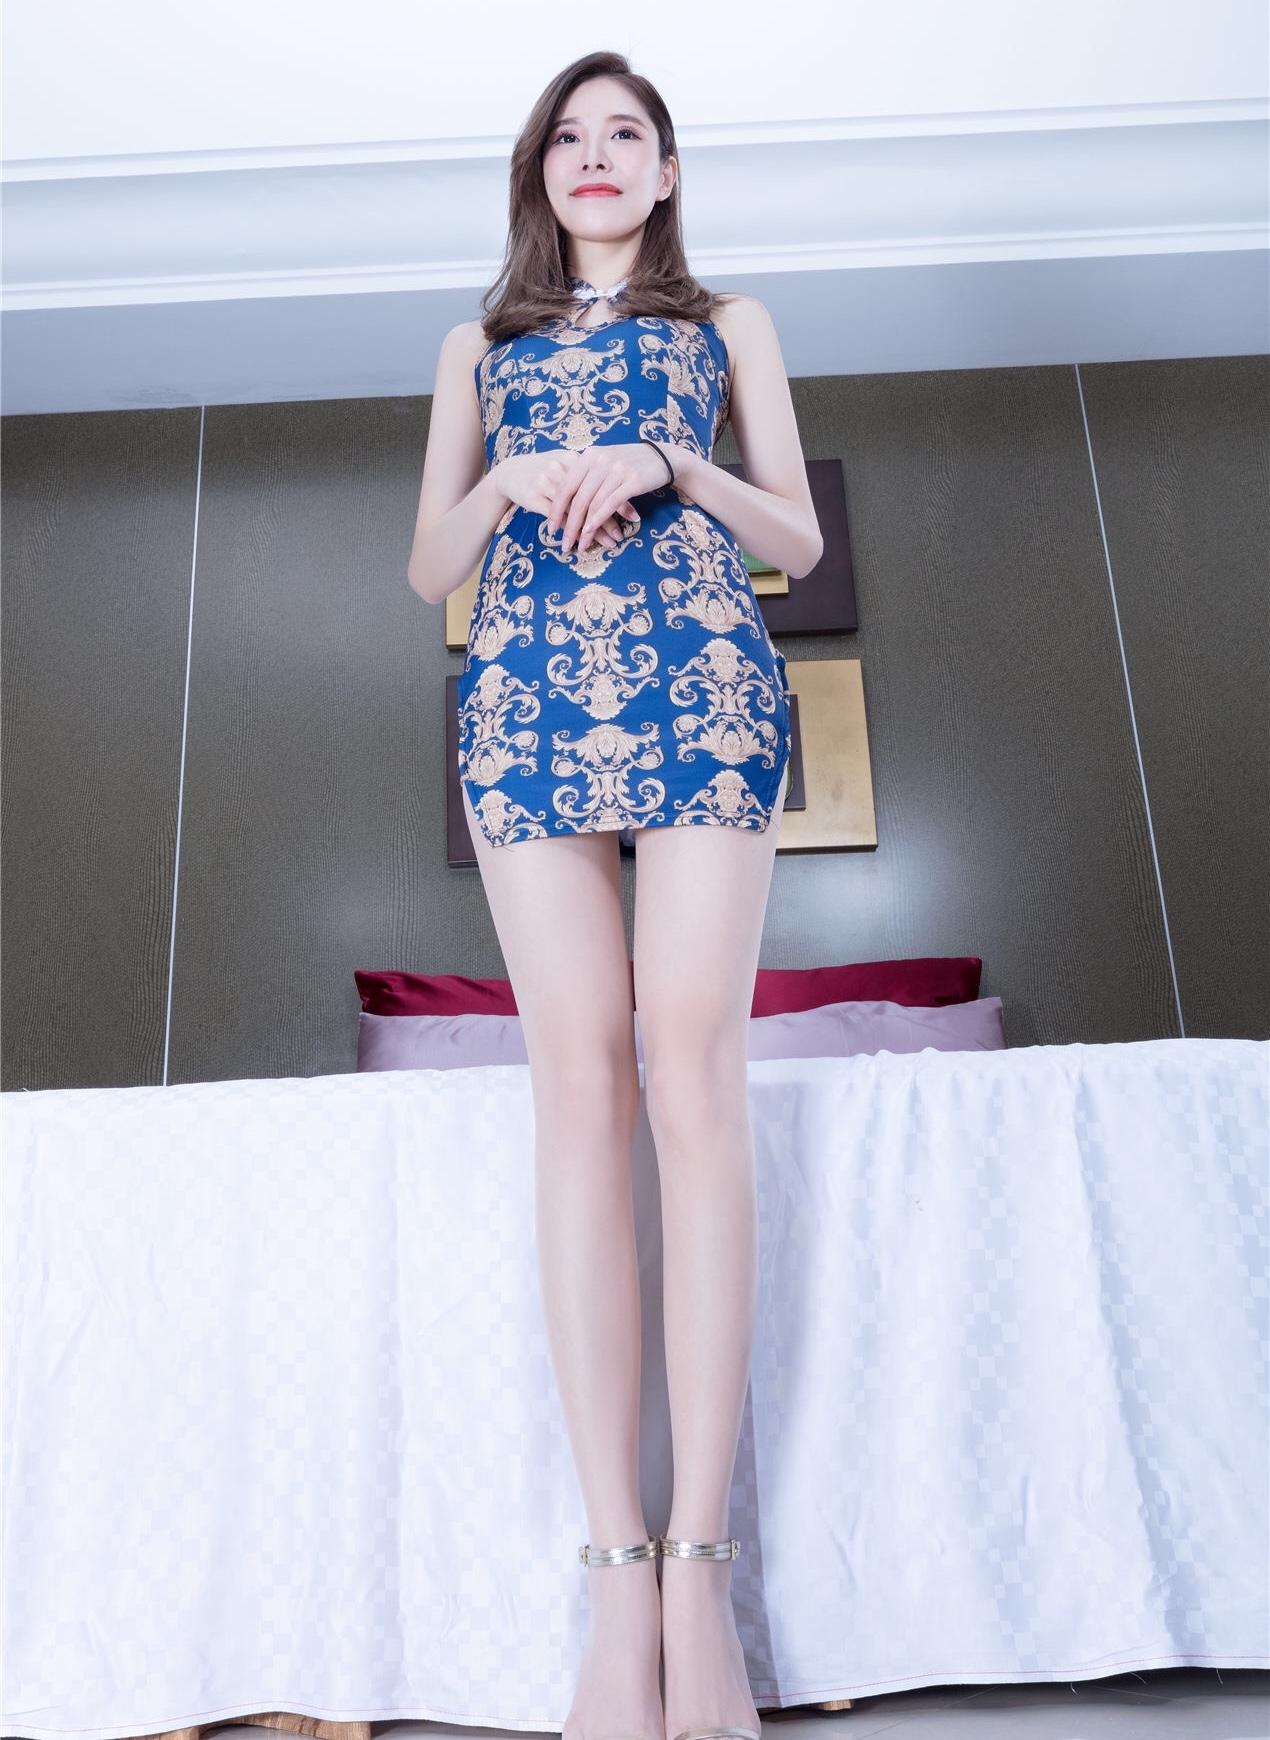 陈玉雪的肉丝旗袍